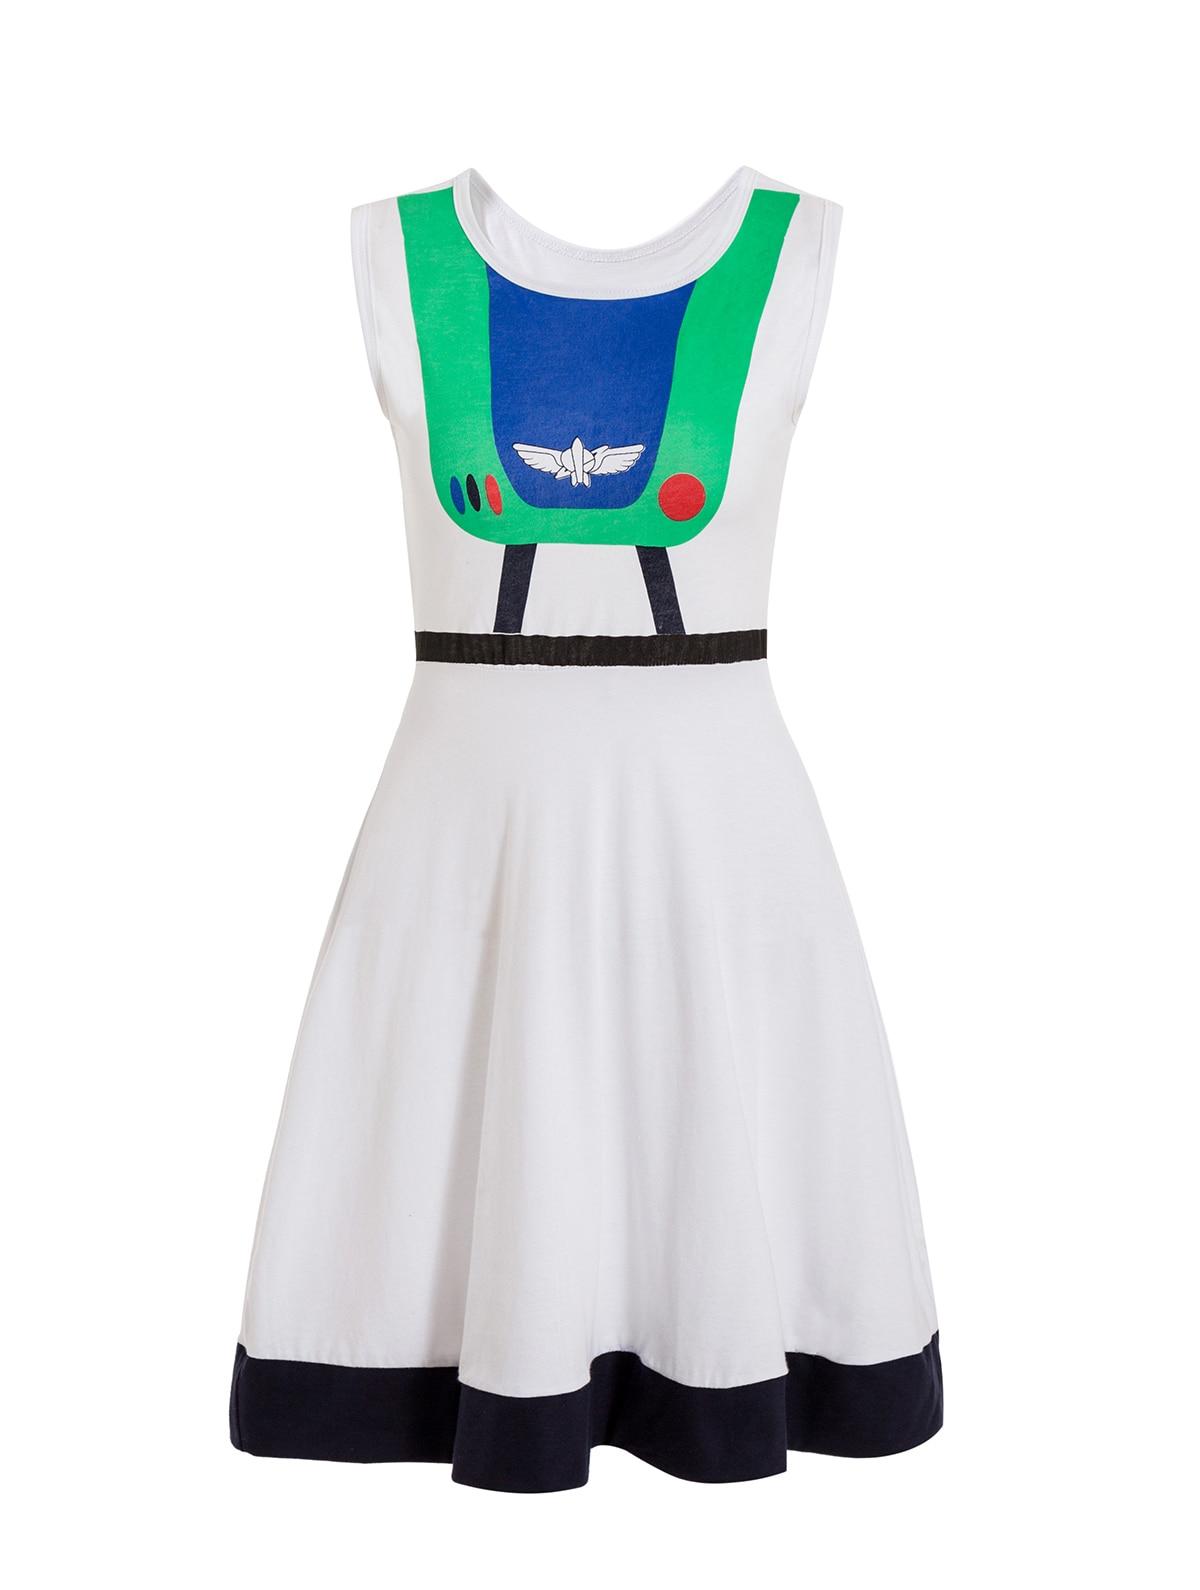 Платье принцессы для взрослых; одинаковый семейный маскарадный костюм «Минни Маус и я»; женское платье принцессы в горошек; большие размеры - Цвет: buzz lightyear